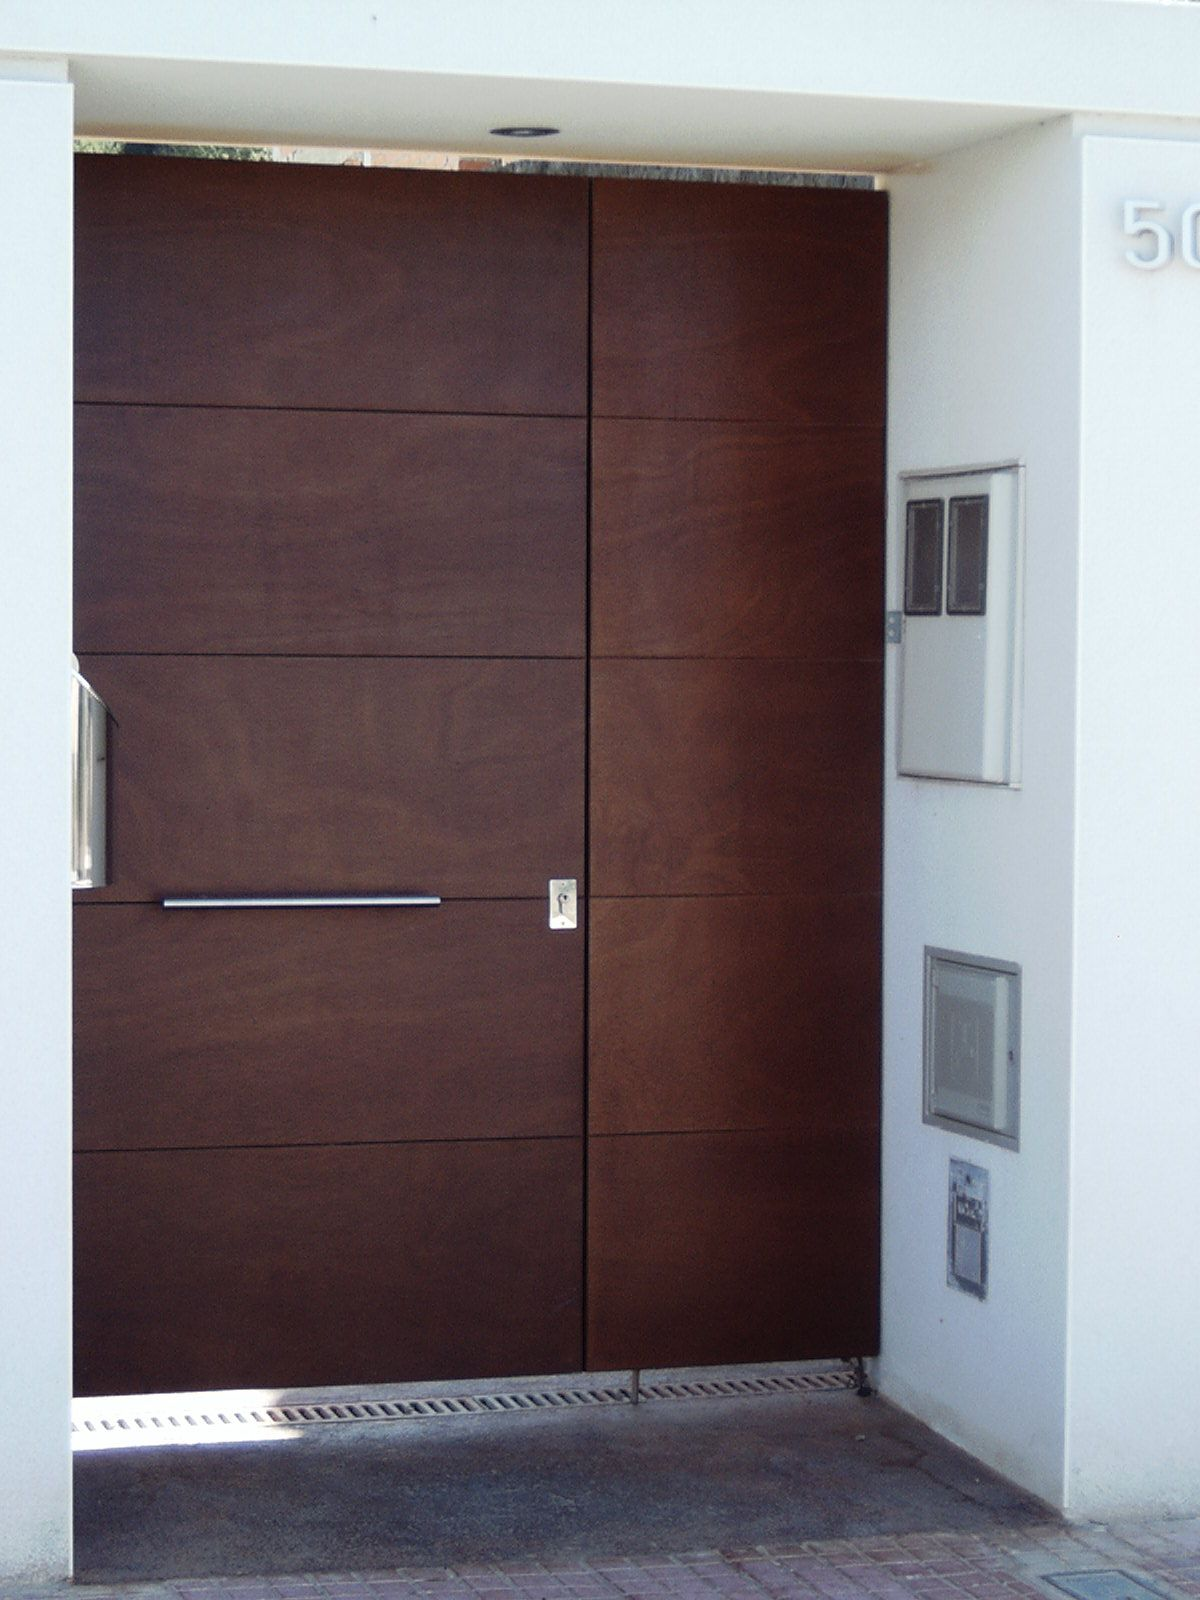 Acero corten oxidado grupo inoxmetal construcciones for Puertas de madera modernas para exterior